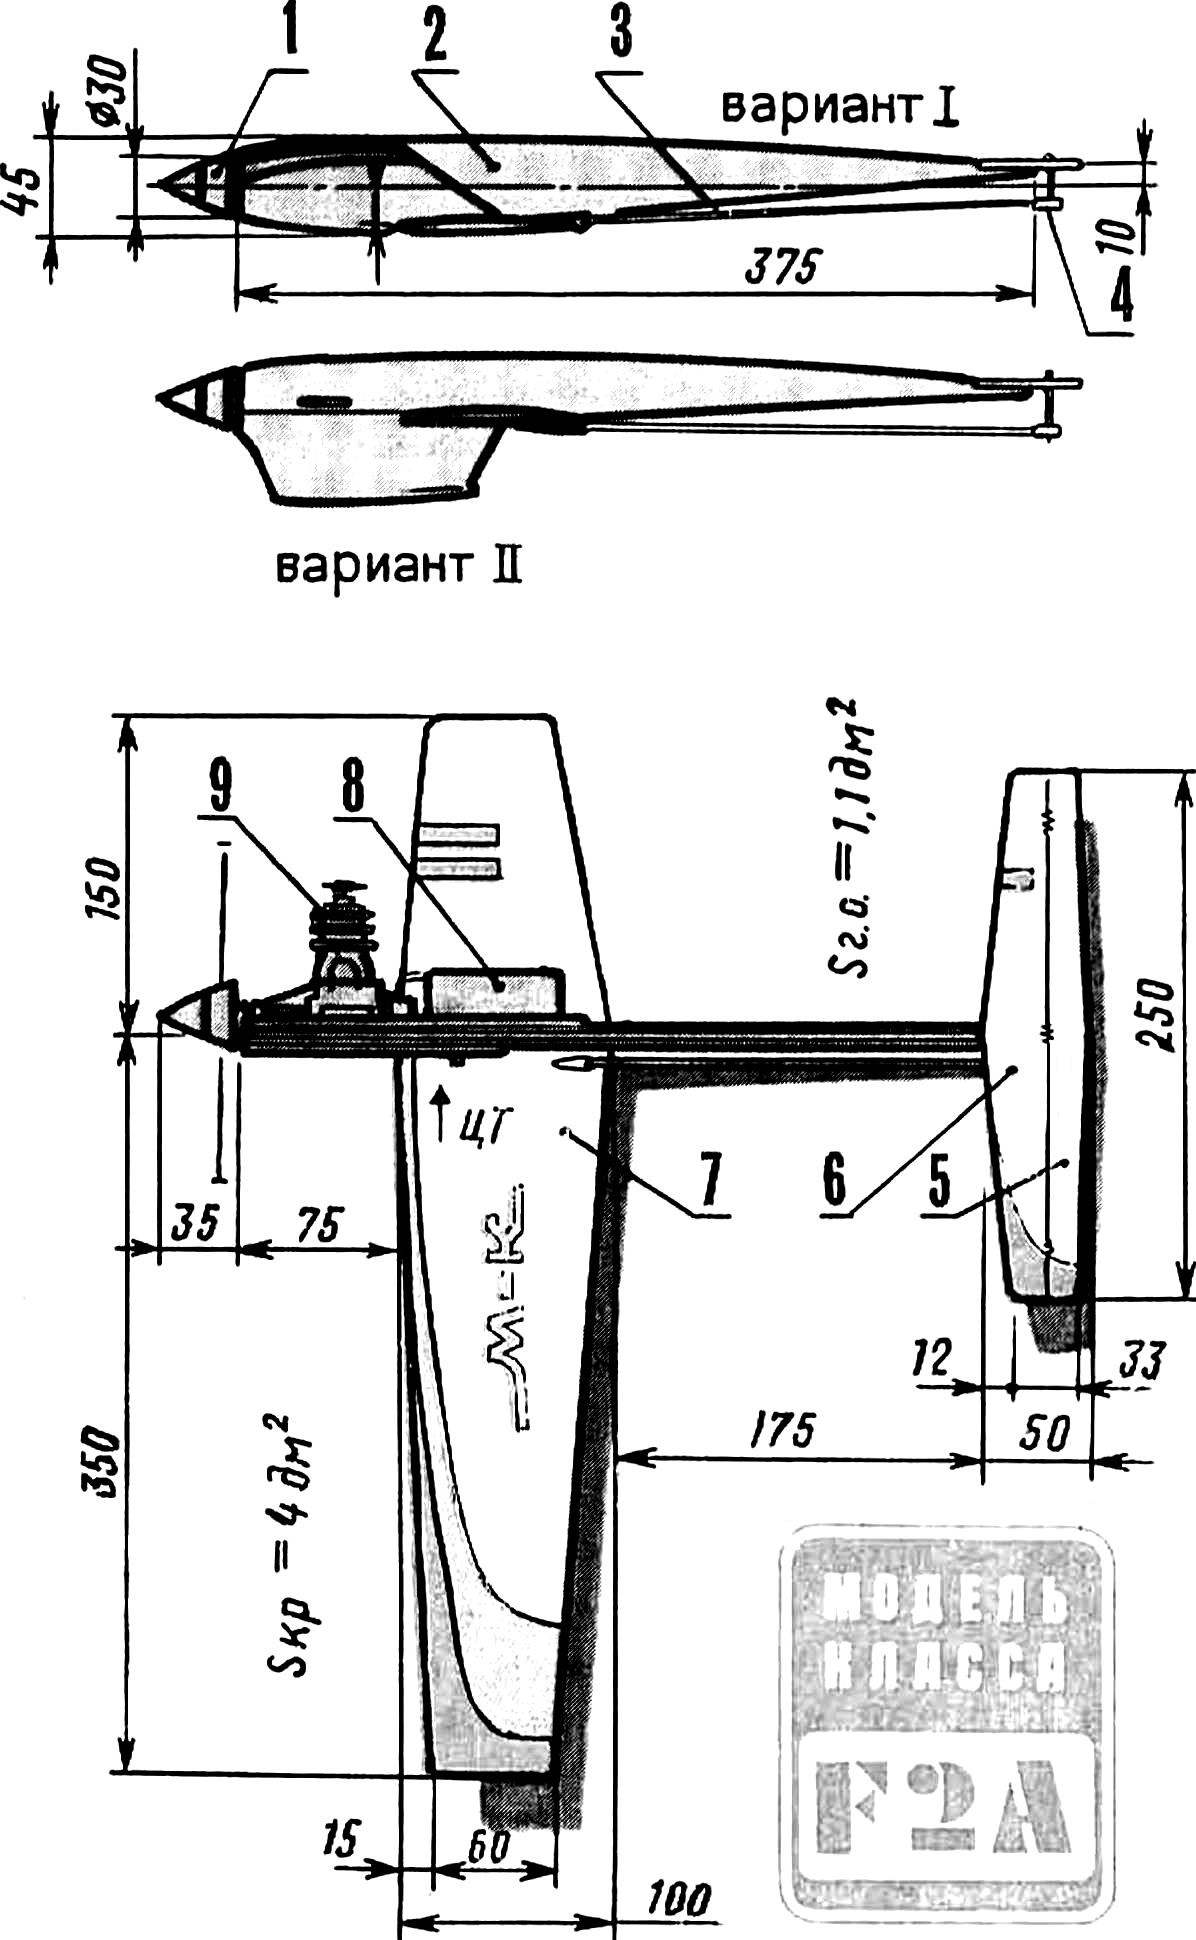 Кордовая скоростная авиамодель с микродвигателем рабочим объемом 2,5 см3.